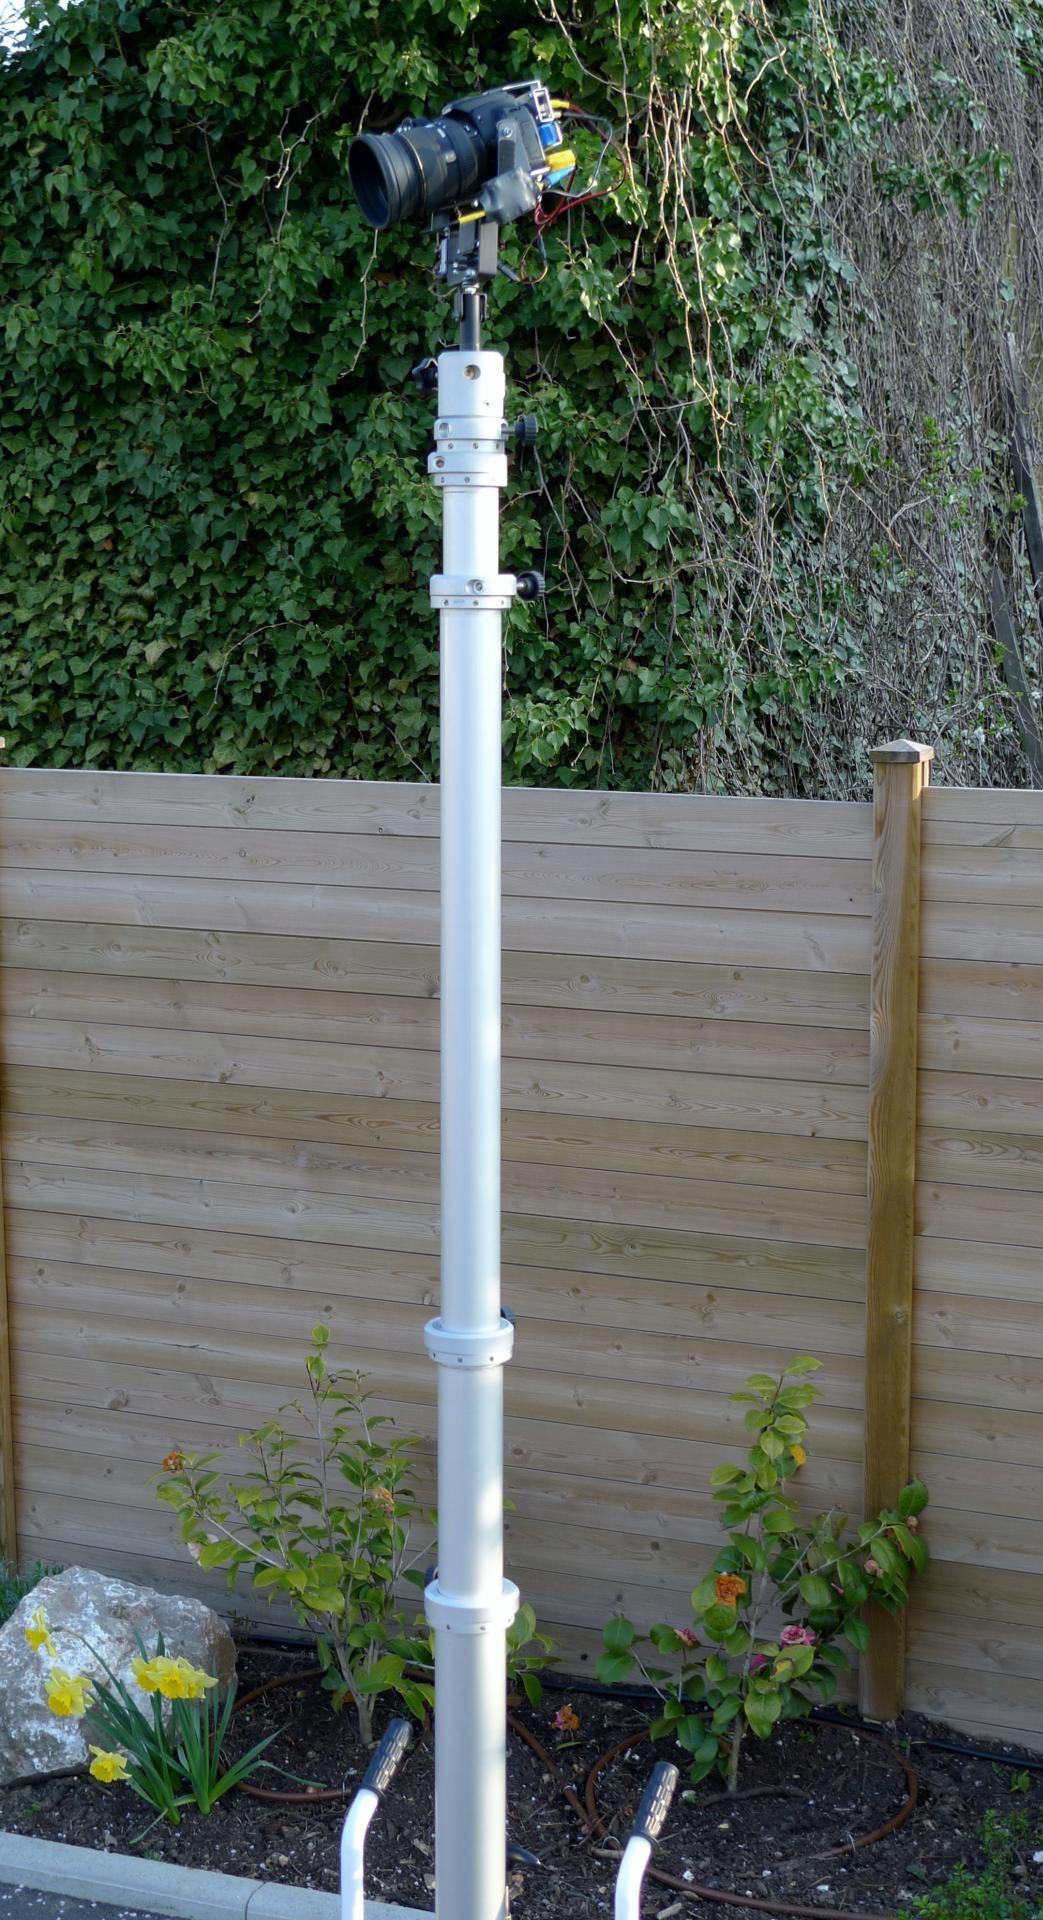 Le mât télescopique de 6 mètres de hauteur avec platine photographique